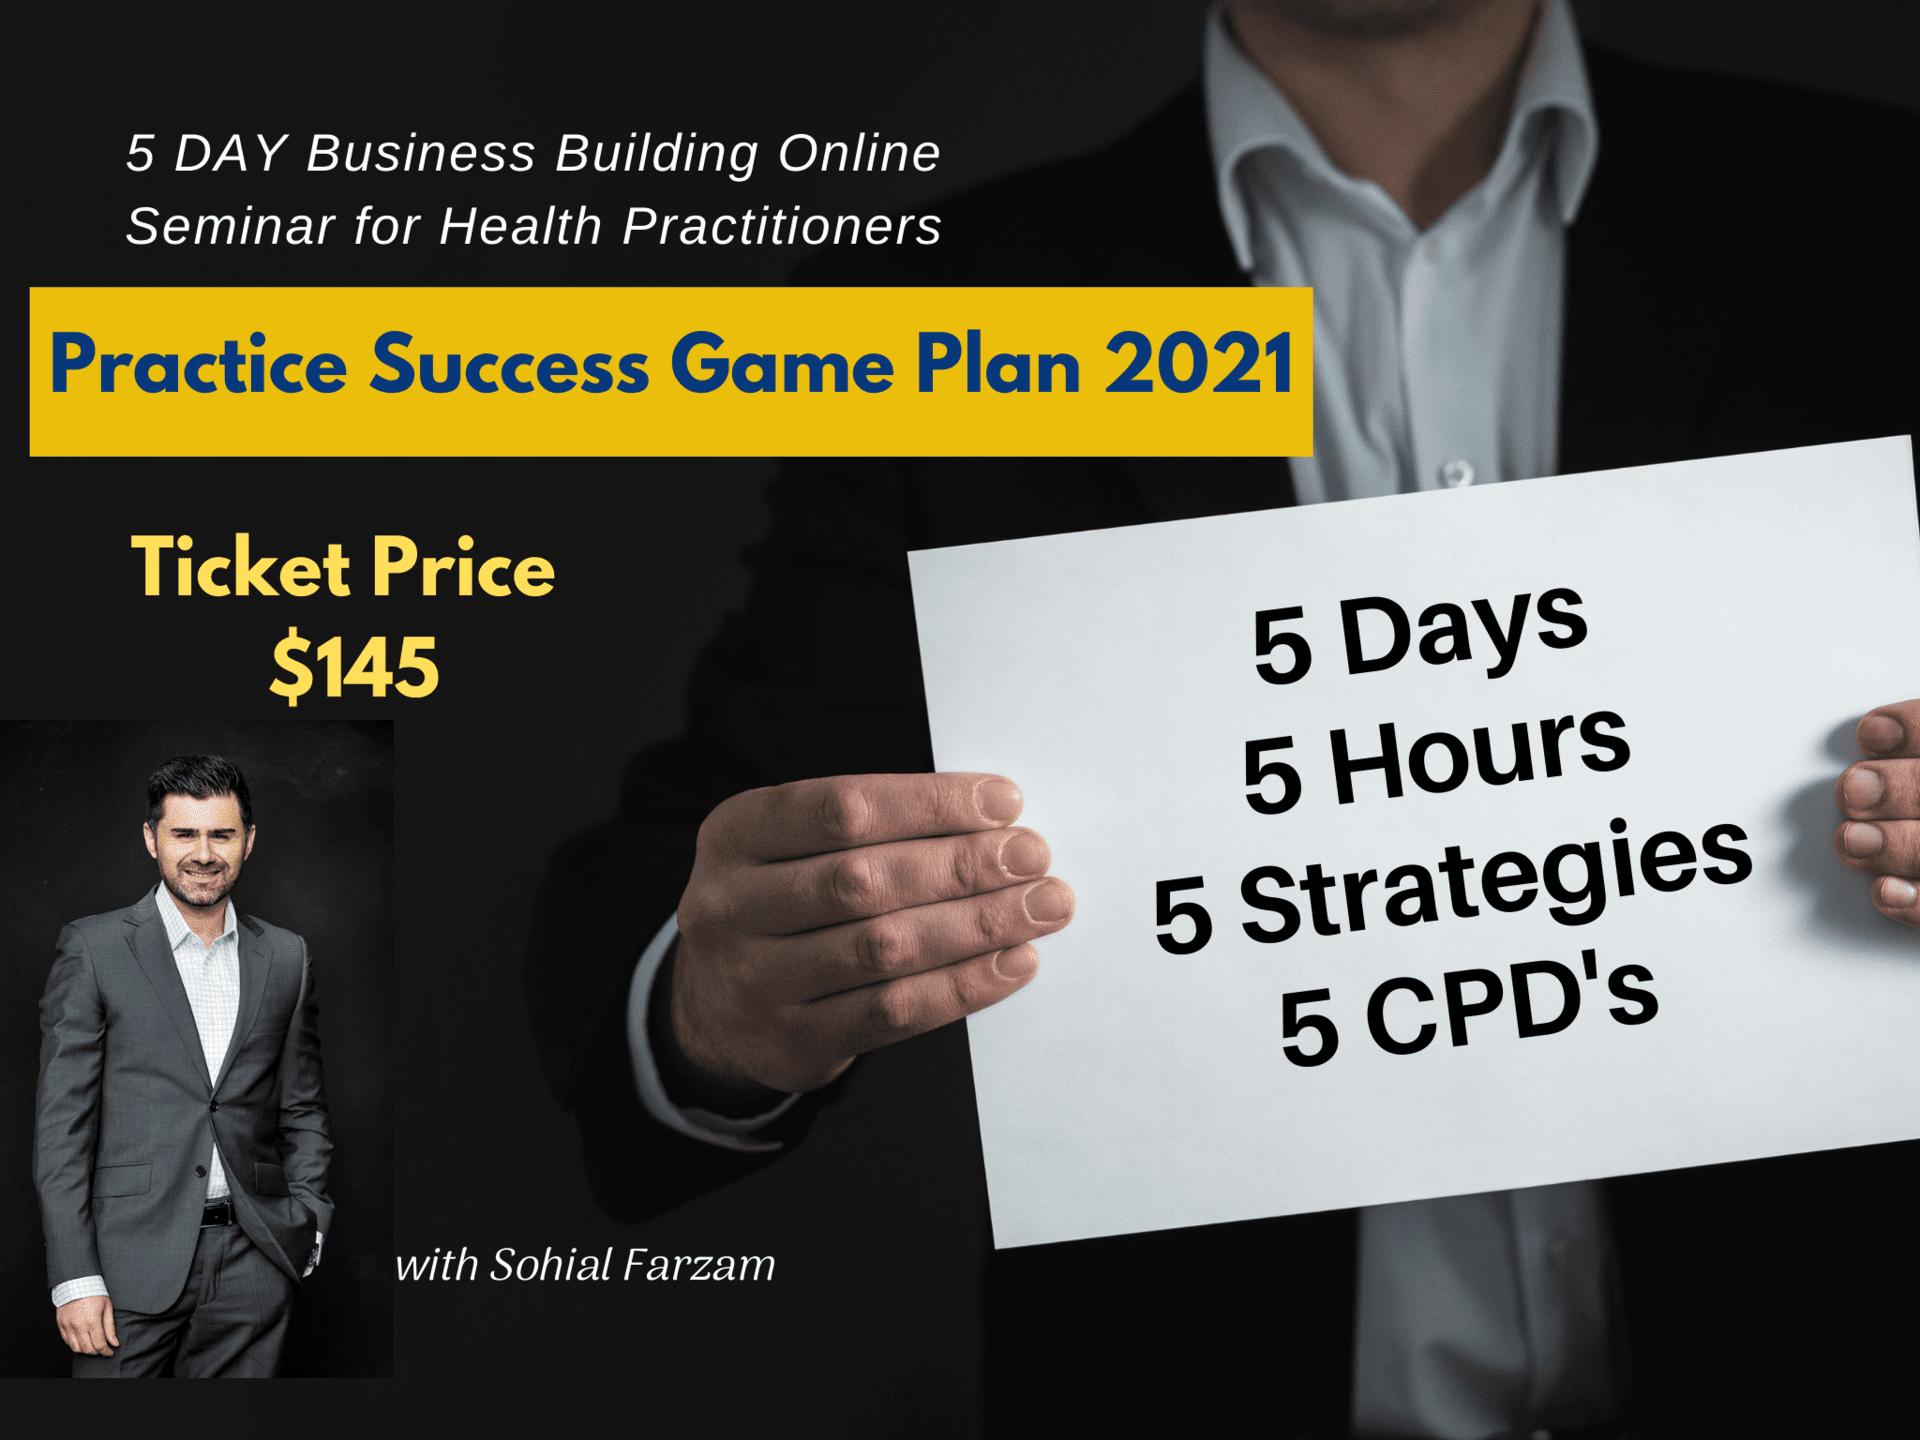 Practice Success Game Plan 2021 - Online Seminar